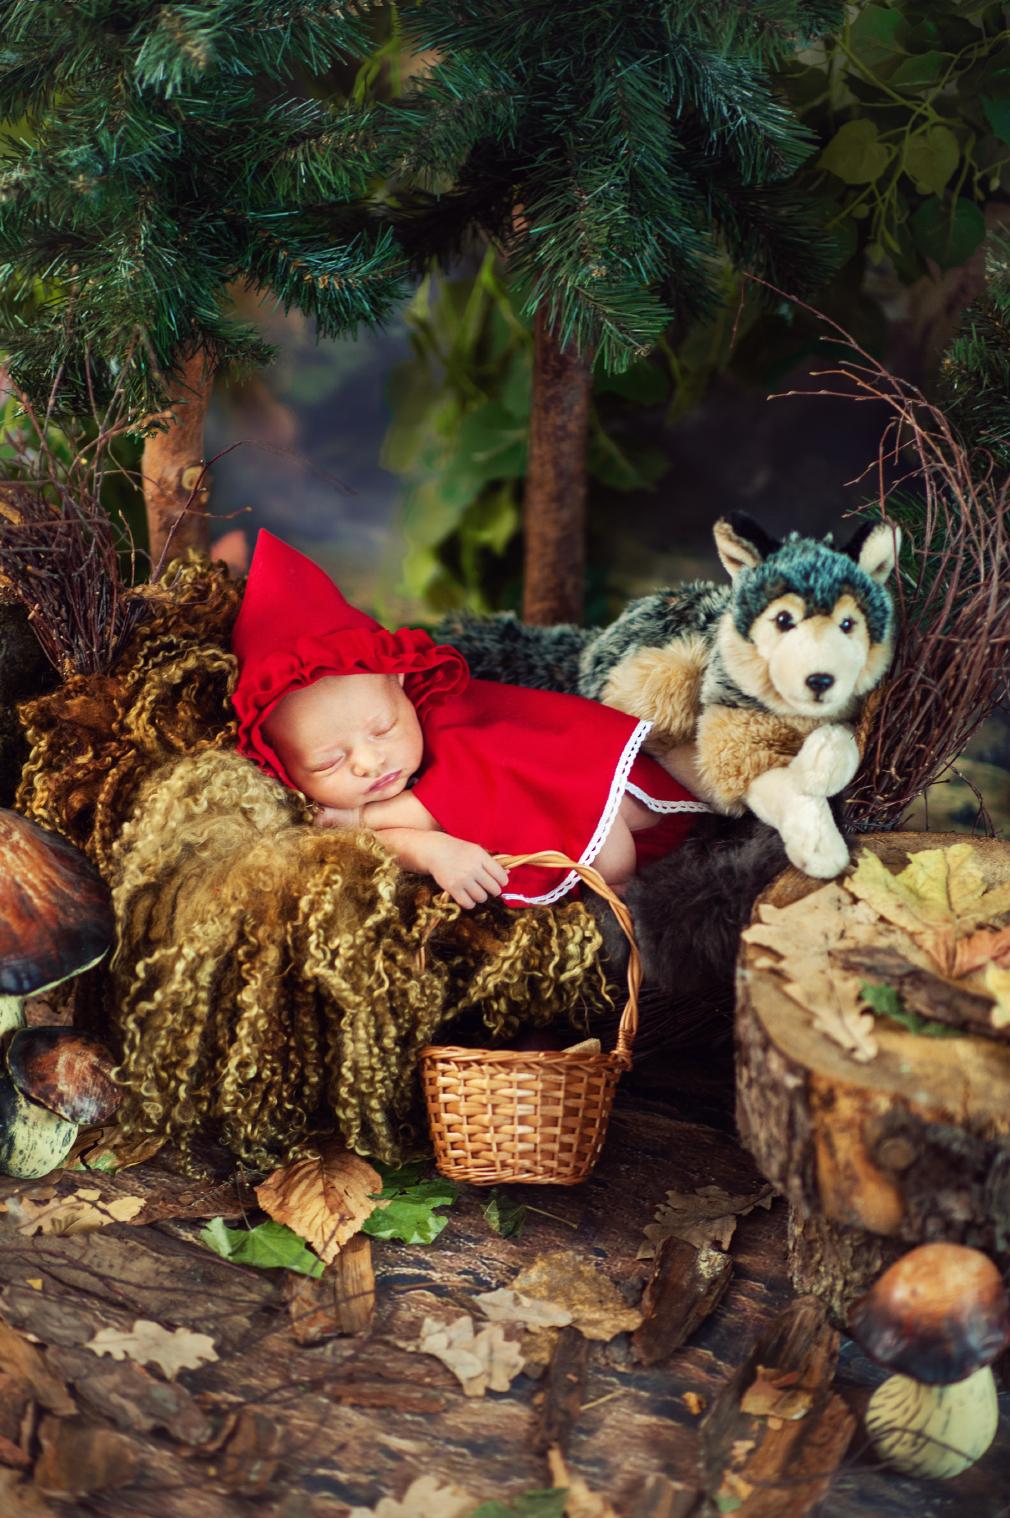 bajkowa sesja noworodkowa, czarny kot studio, czerwony kapturek, fotografia noworodkowa